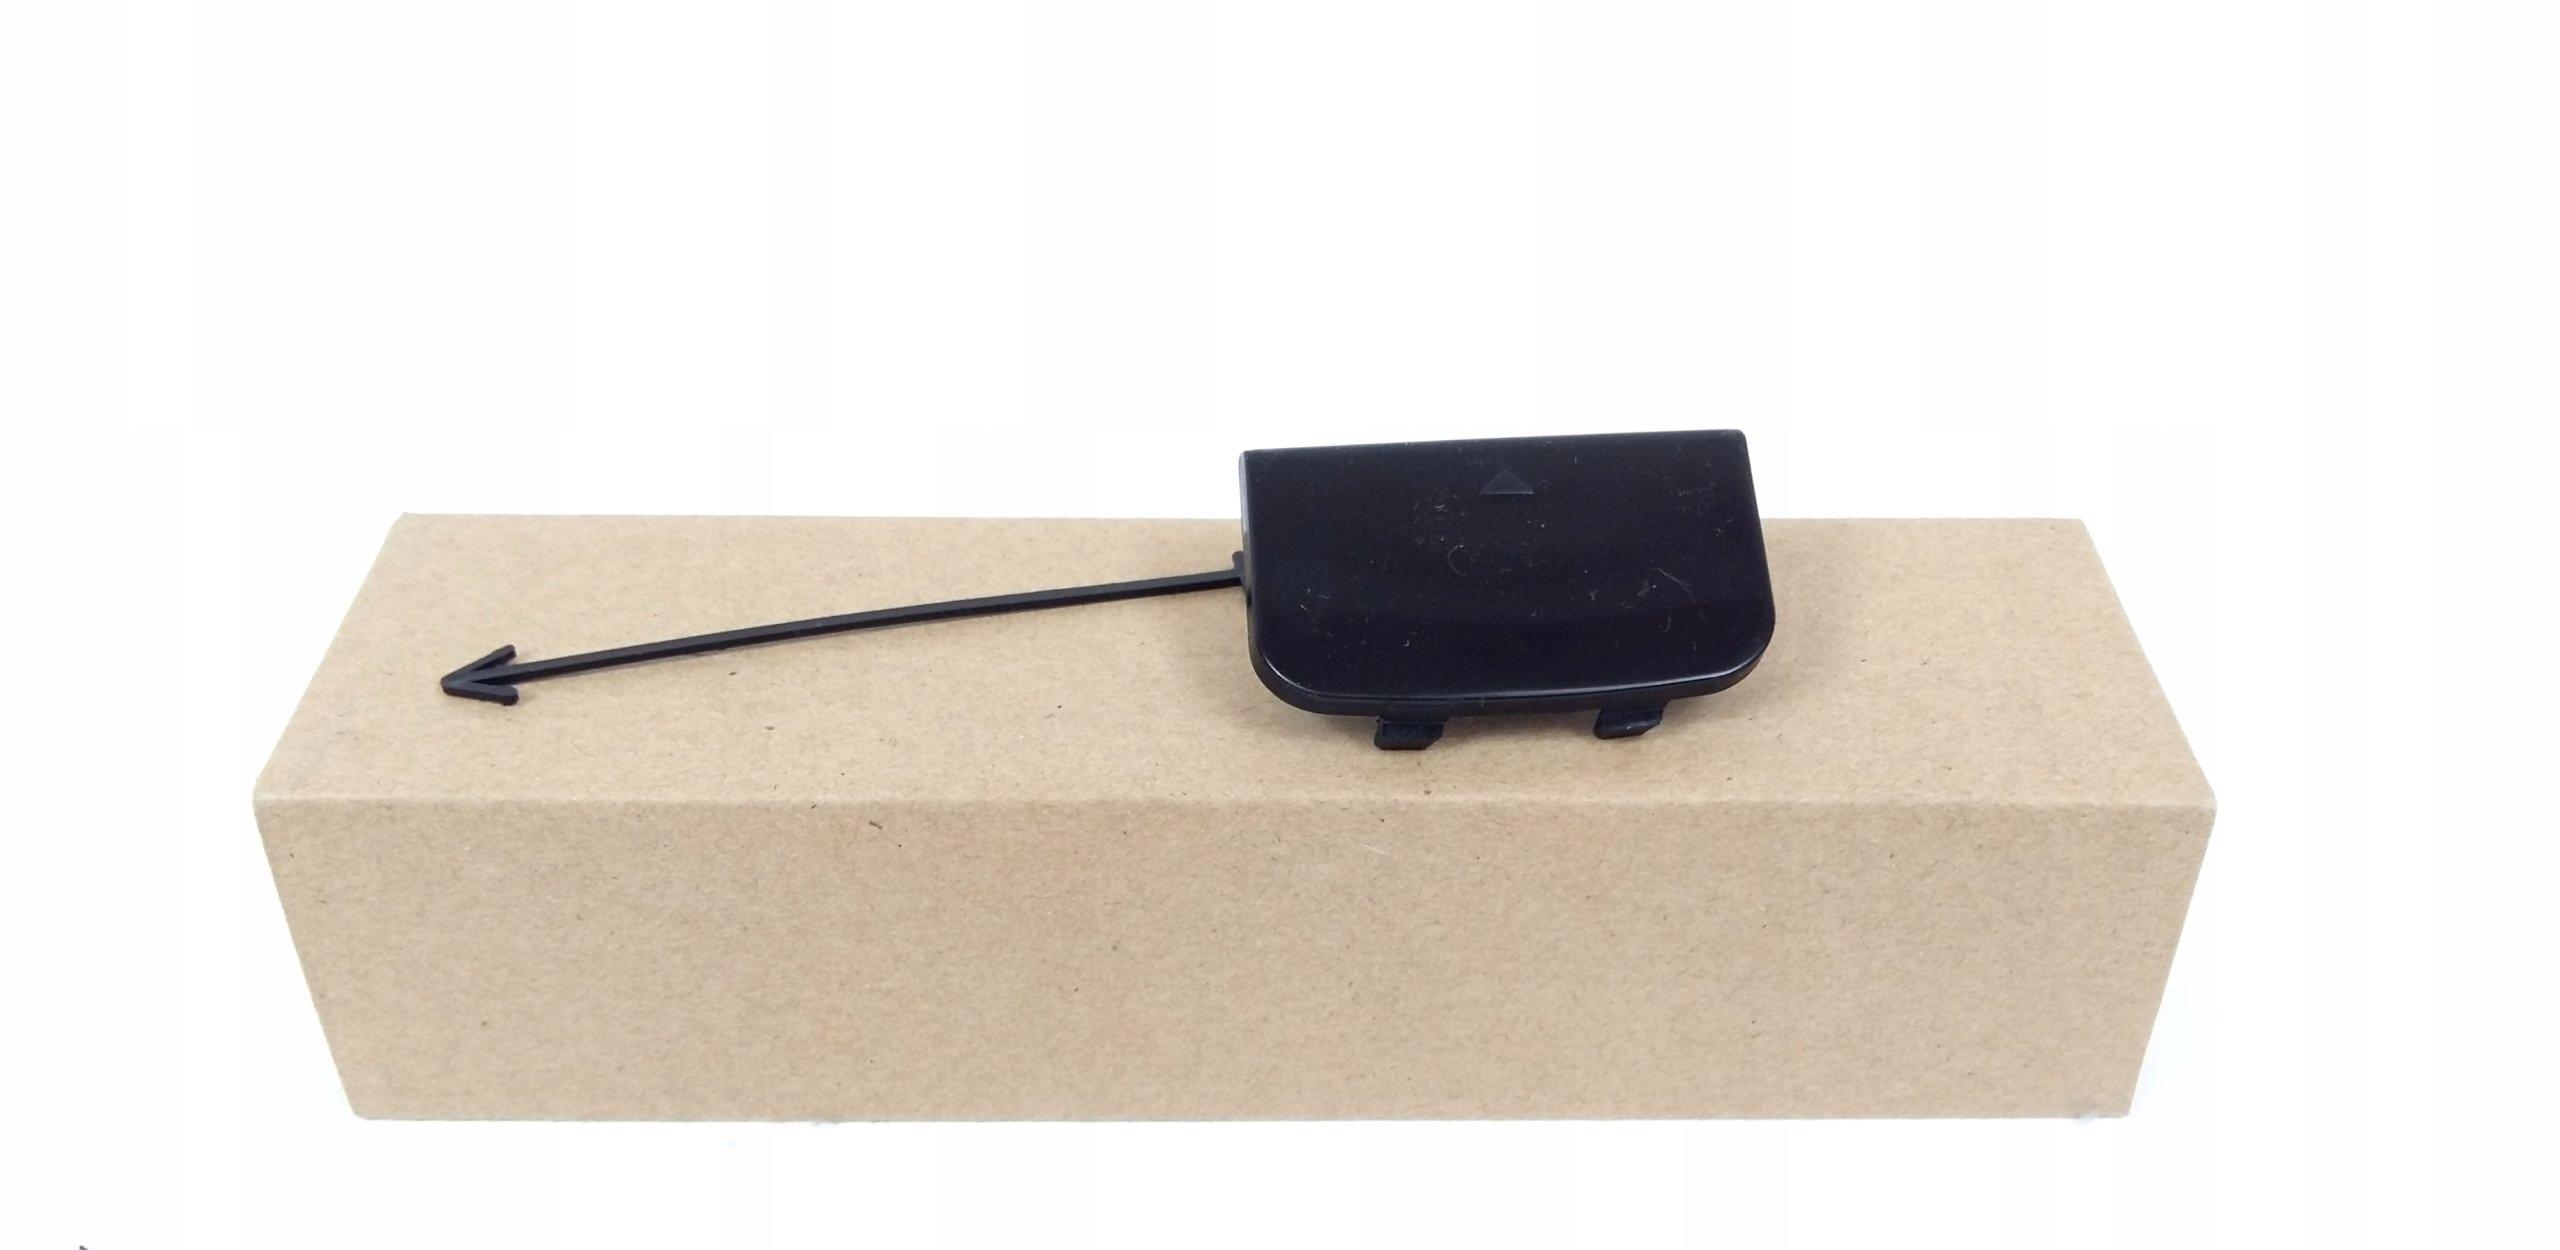 заглушка крюк фаркоп bmw 7 e65 e66 2001-2004